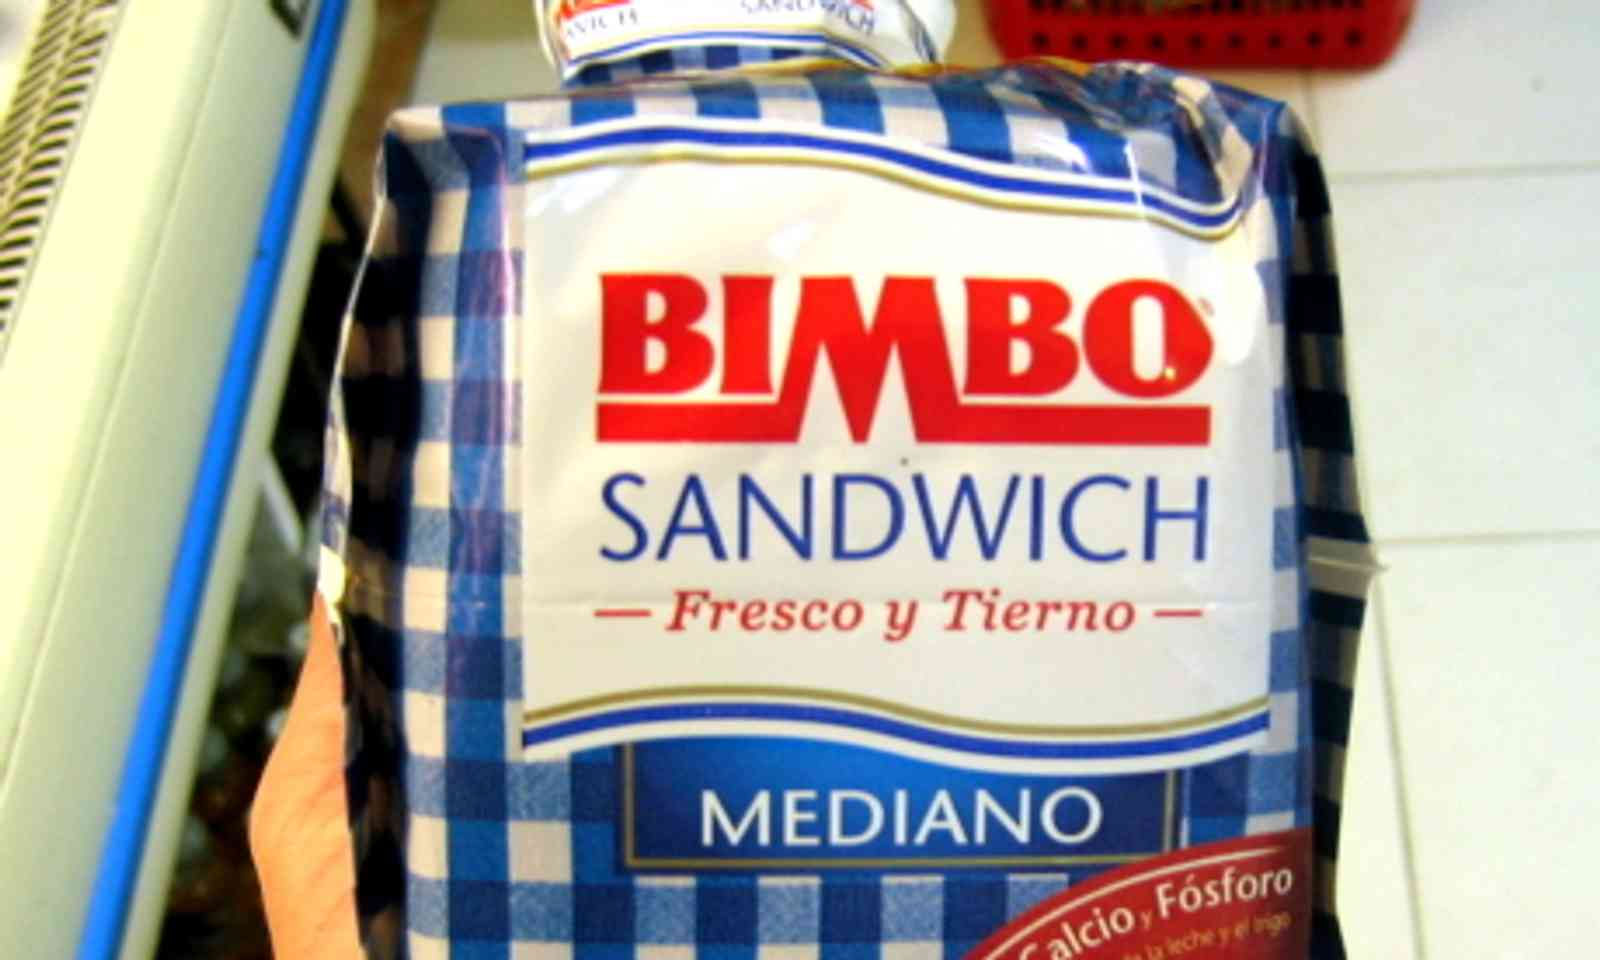 Bimbo Sandwich